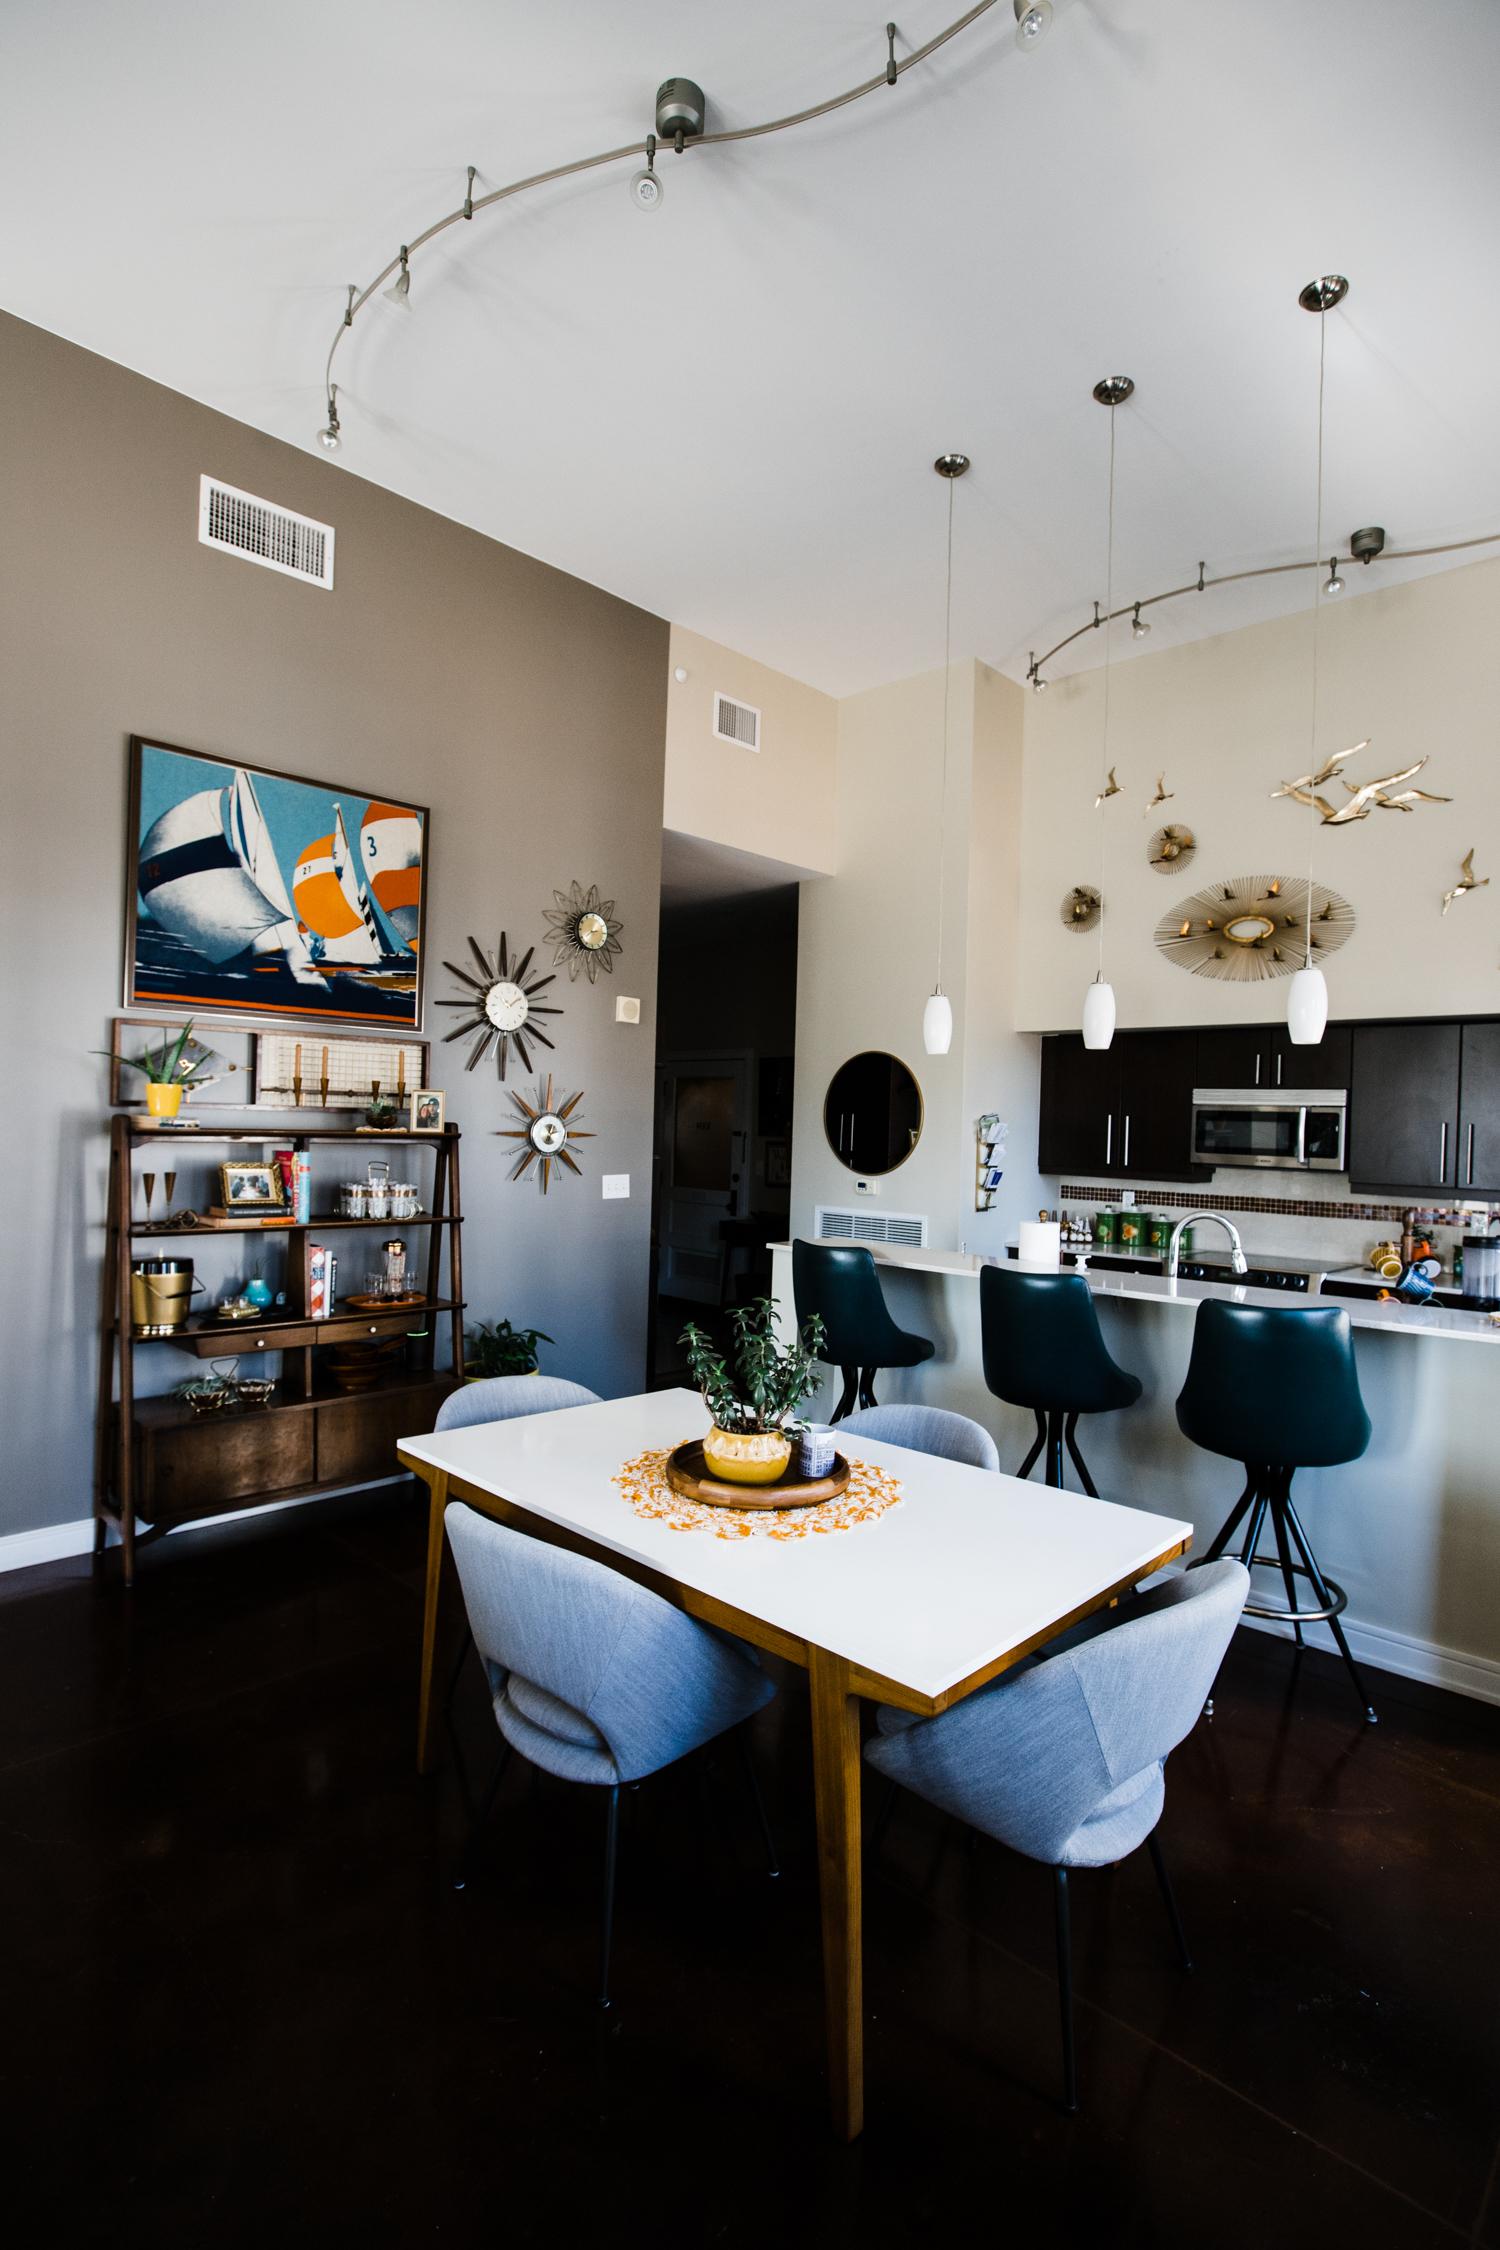 retro_apartment-8.jpg